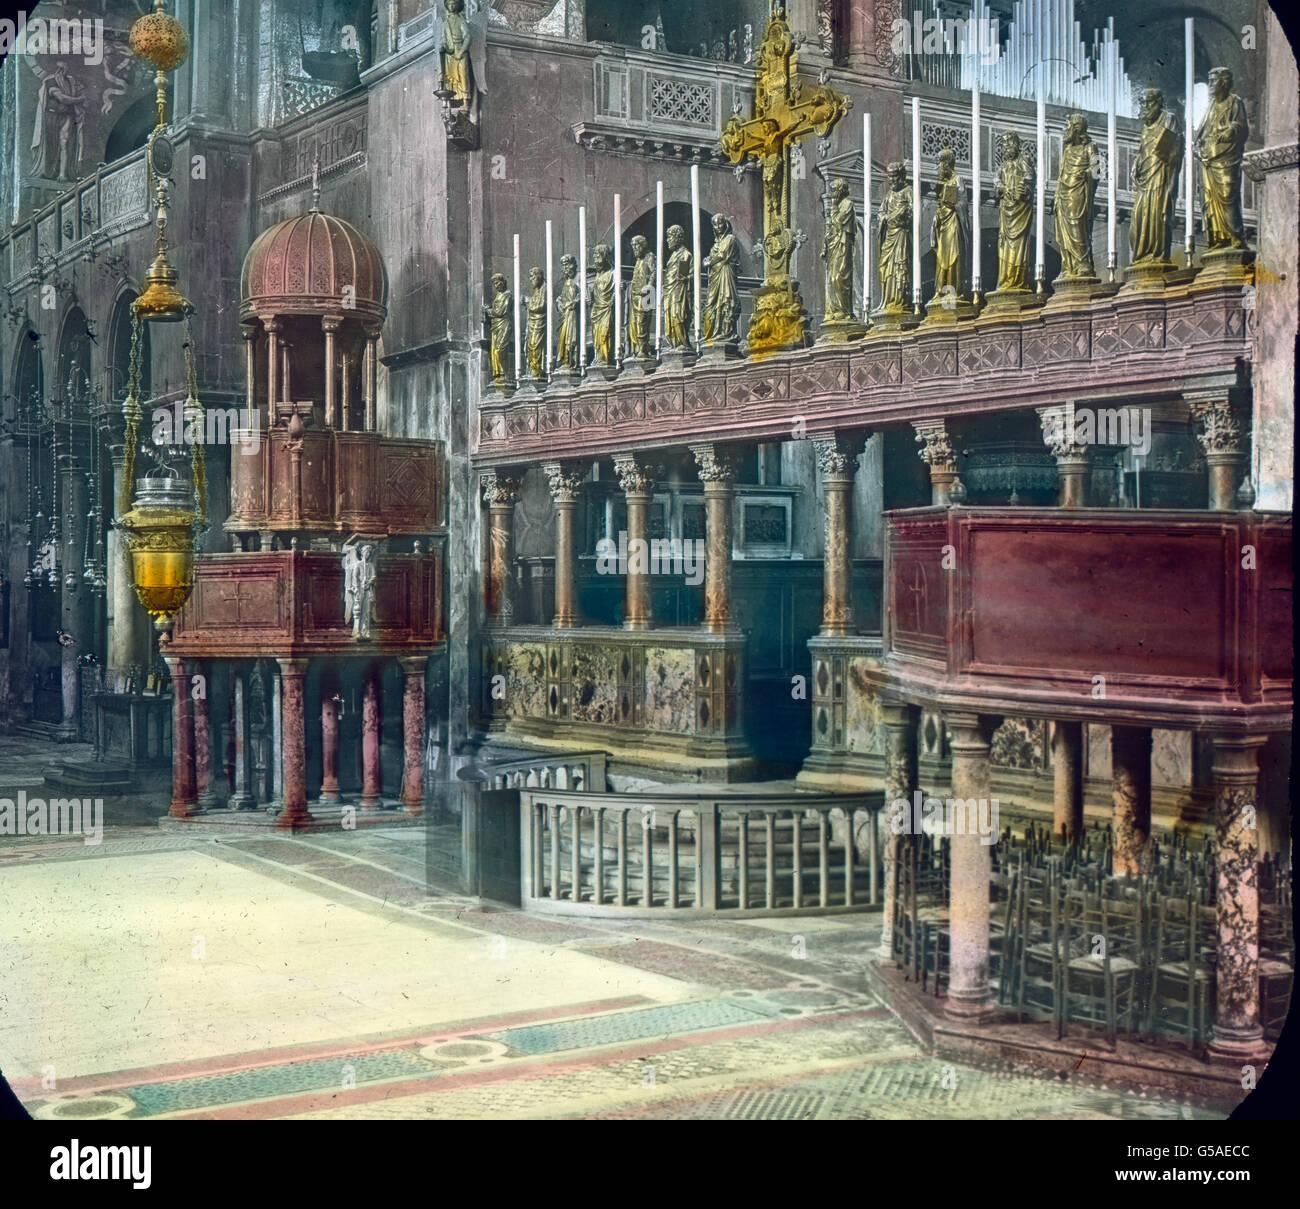 Der Chor mit dem Hauptaltar vom Schiff ist der Kirche durch eine Marmorbrüstung getrennt, Auf der acht kunstreiche Imagen De Stock